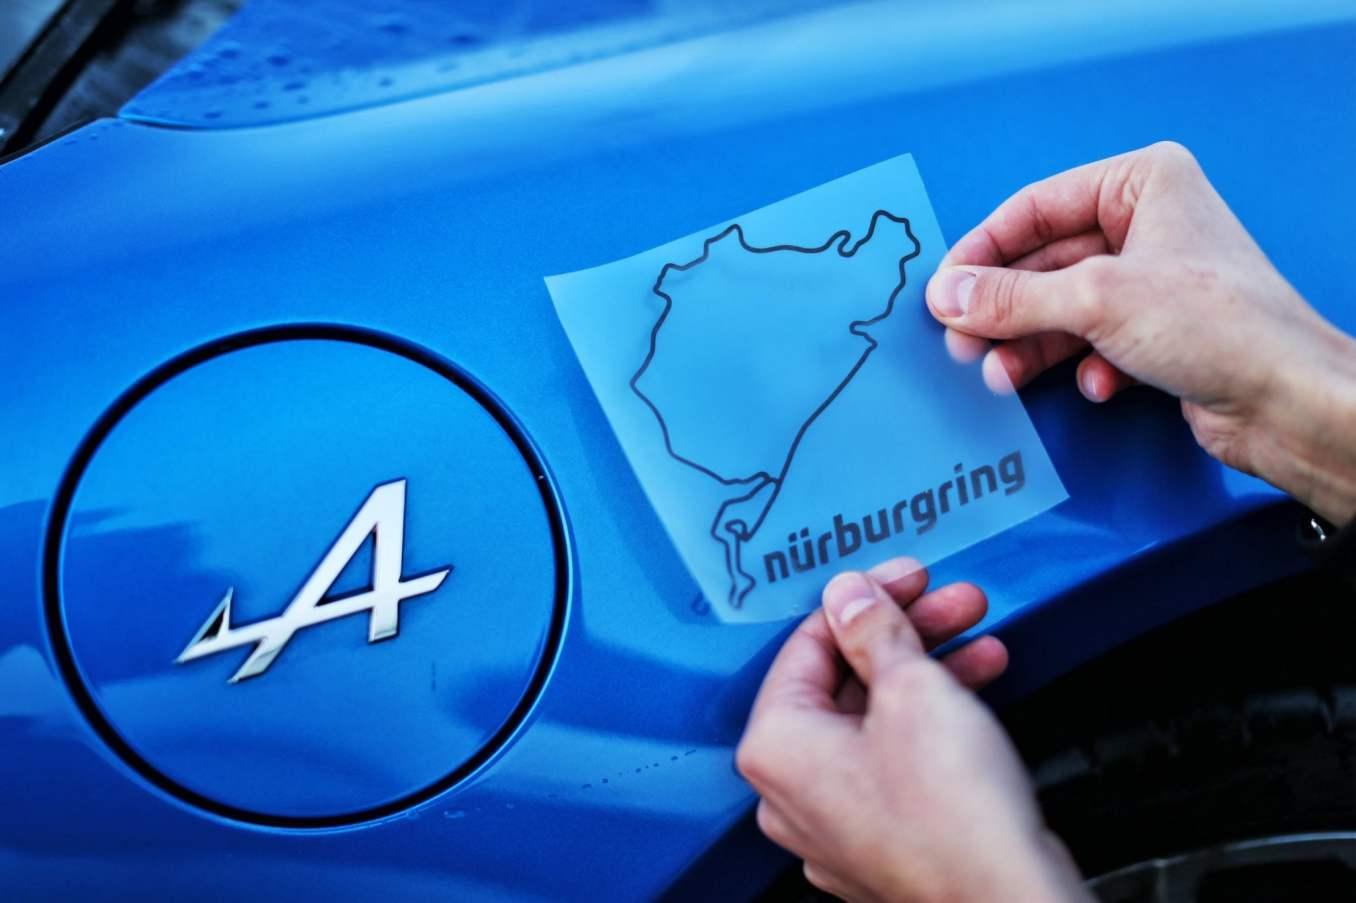 Alpine F1 Team Esteban Ocon A110 Nurburgring 2 | Alpine F1 Team : Esteban Ocon au volant de l'A110 sur le Nürburgring